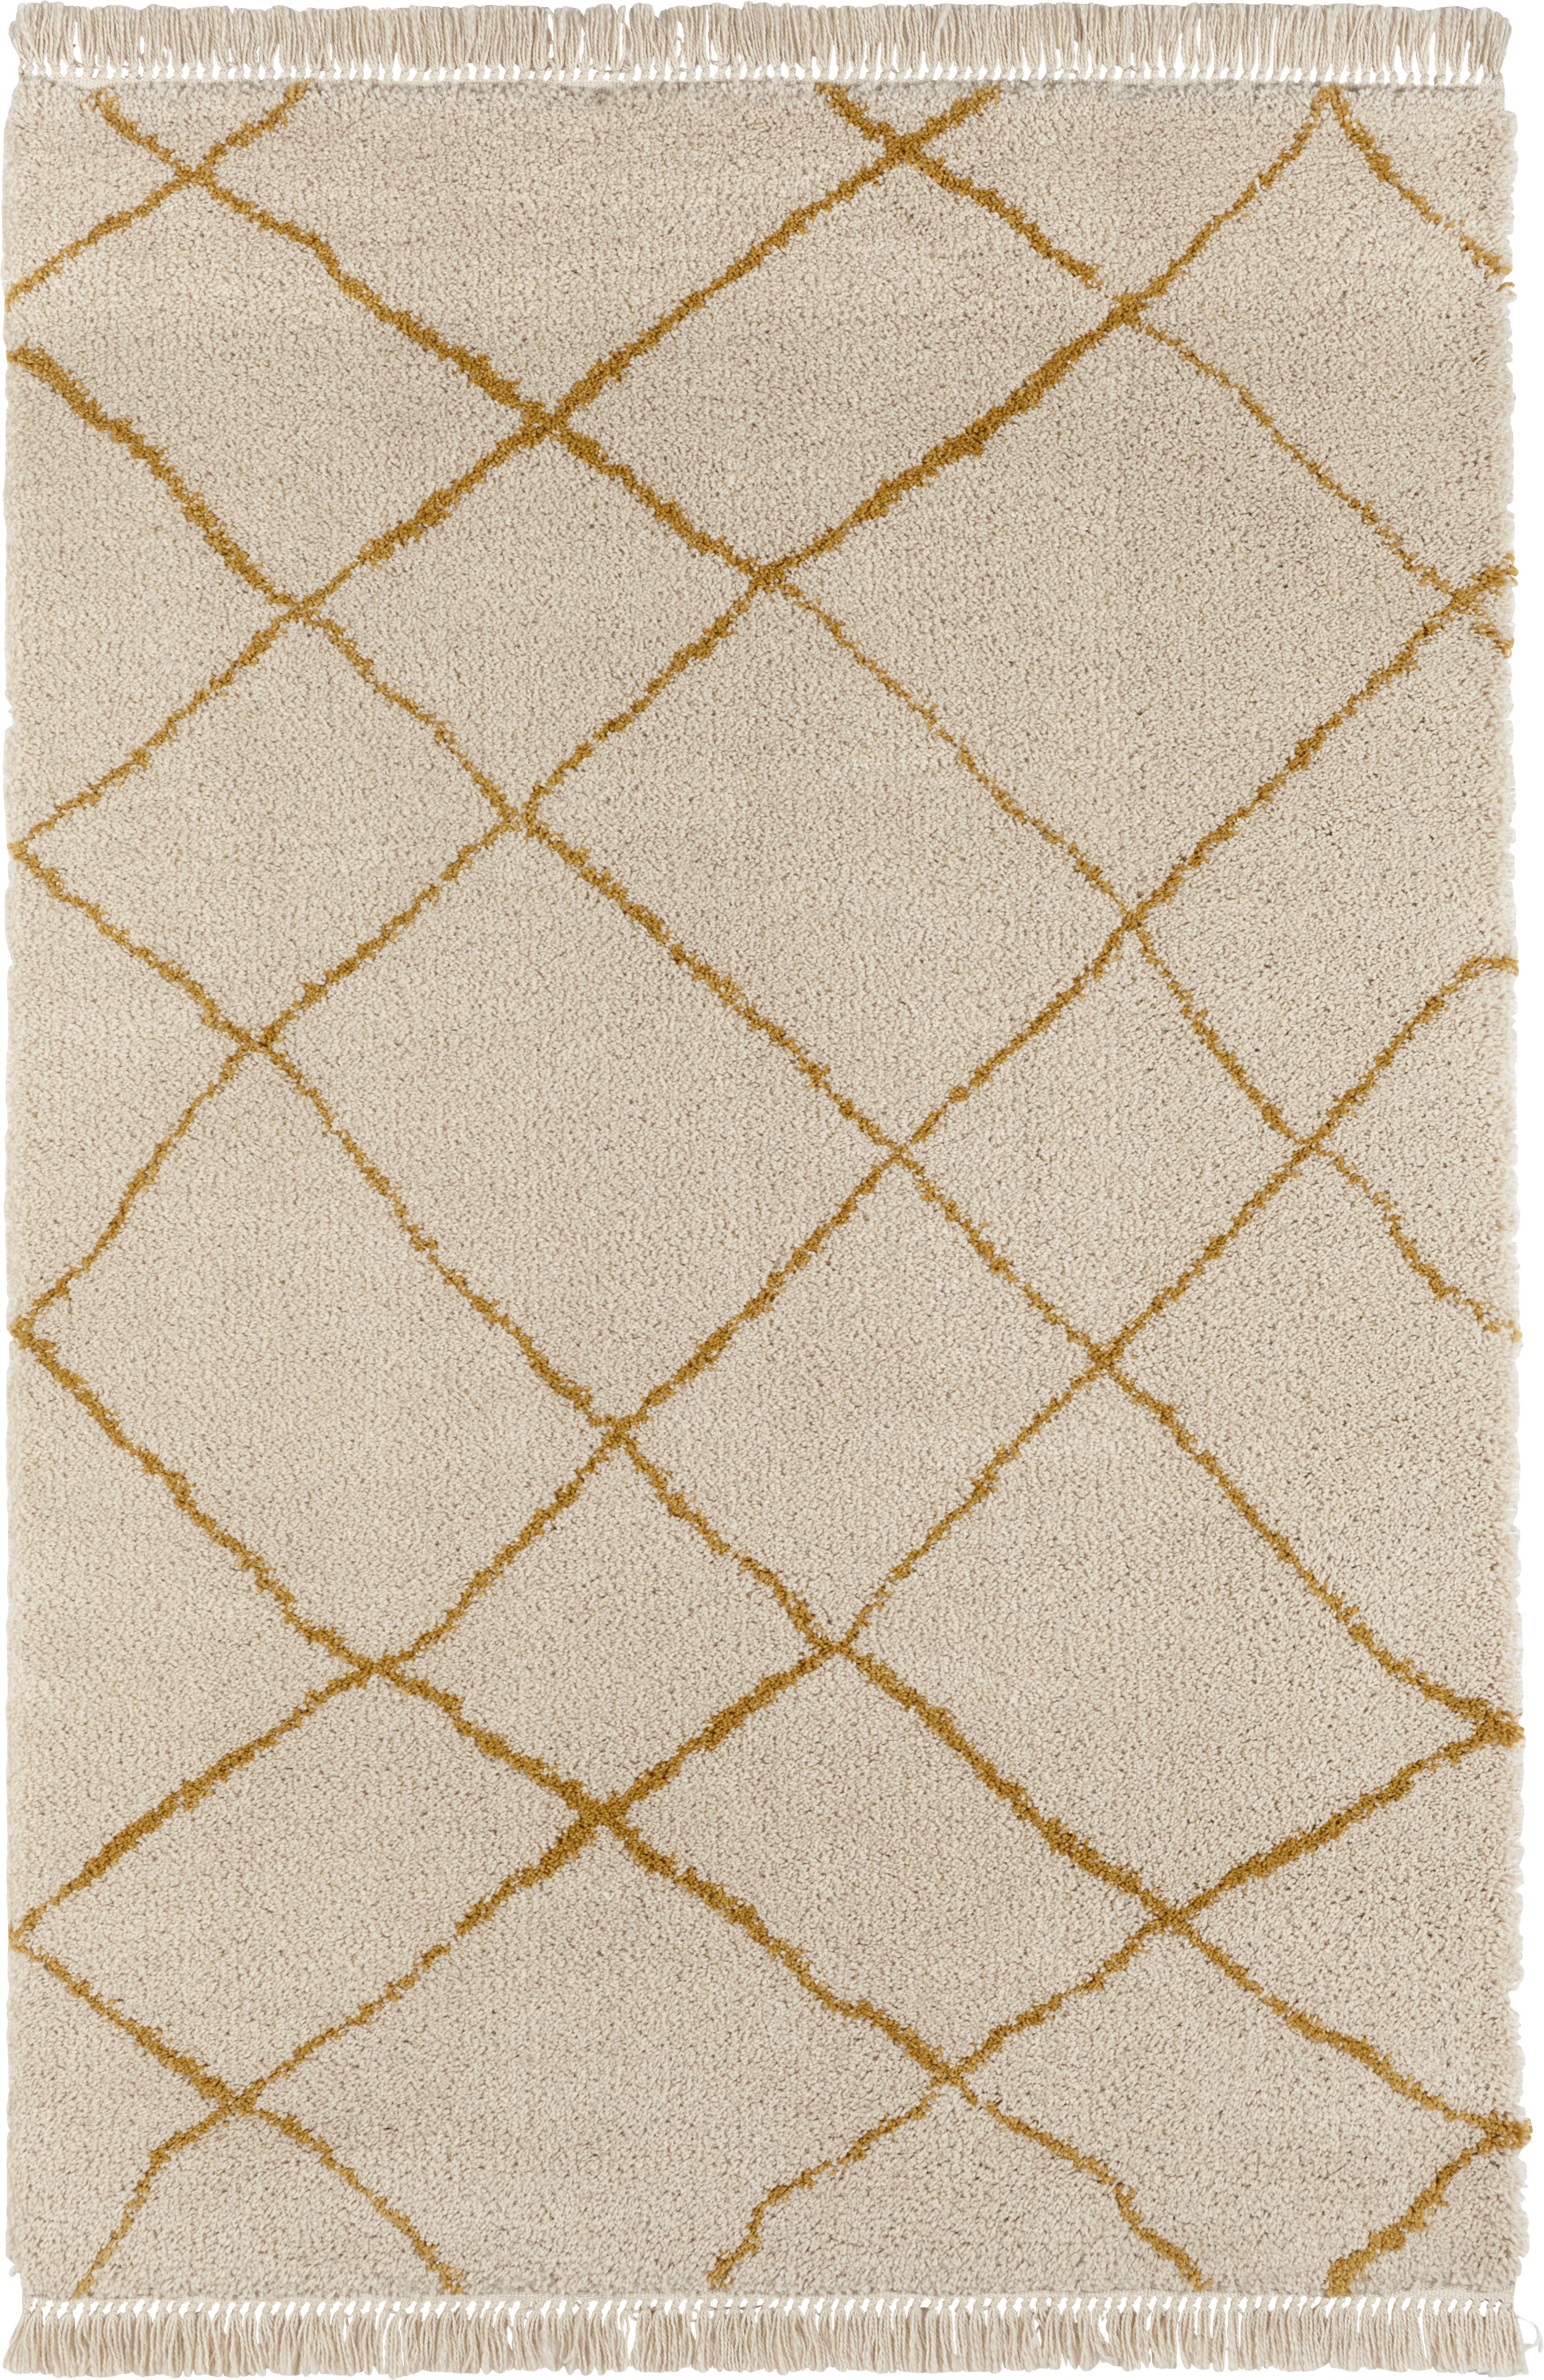 Flauschiger Hochflor-Teppich Primrose in Creme mit Rautenmuster, Creme, Goldgelb, B 200 x L 290 cm (Größe L)